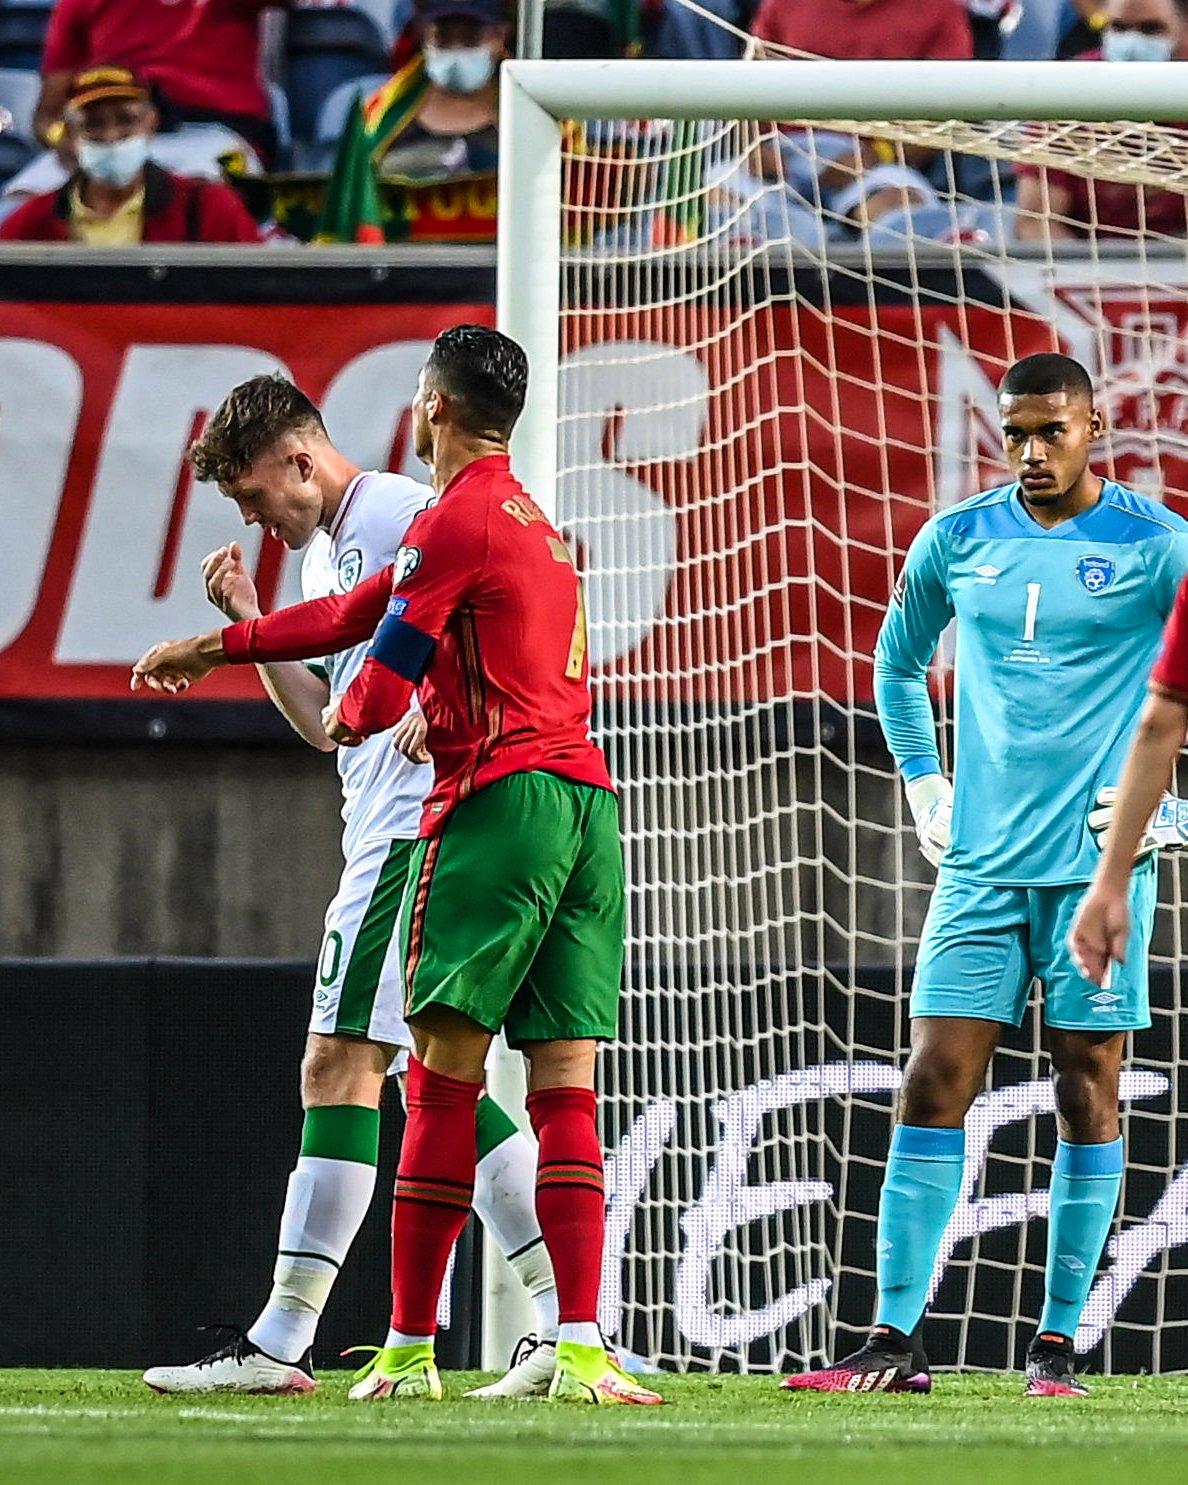 رونالدو ينجو من عقوبة الطرد بعد اعتدائه على لاعب أيرلندا في  المباراة (فيديو)